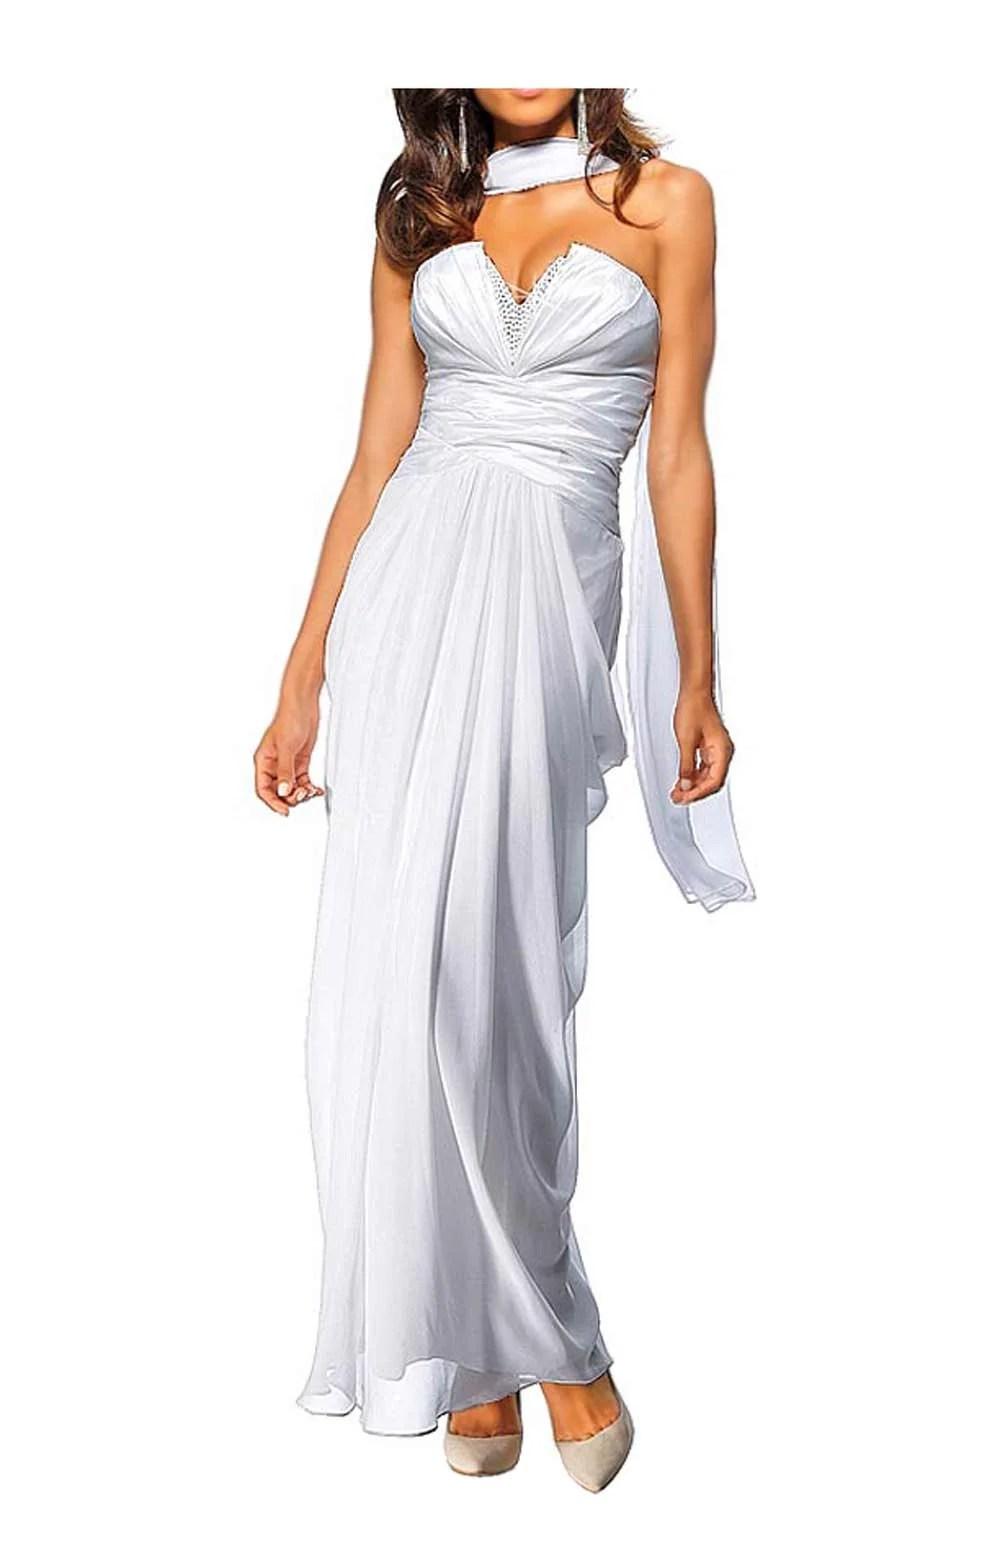 024.651 HEINE Damen Designer-Abendkleid m. Schal Weiß